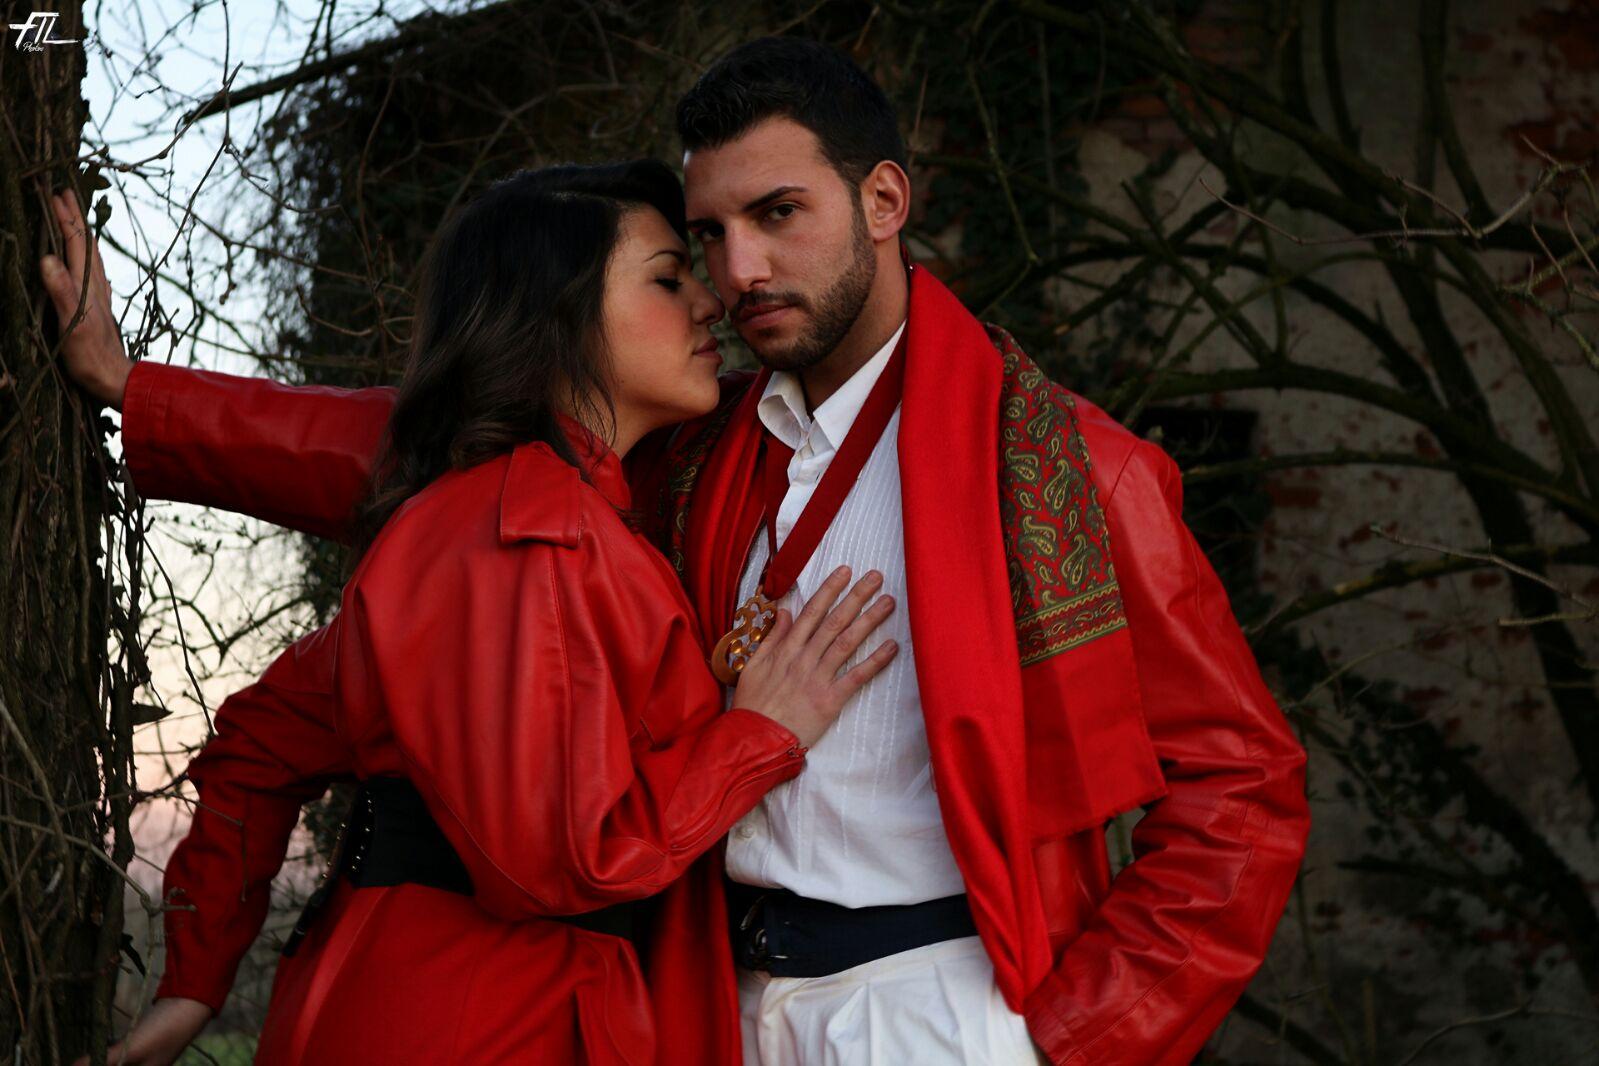 red passion - lui & lei - la camelia collezioni